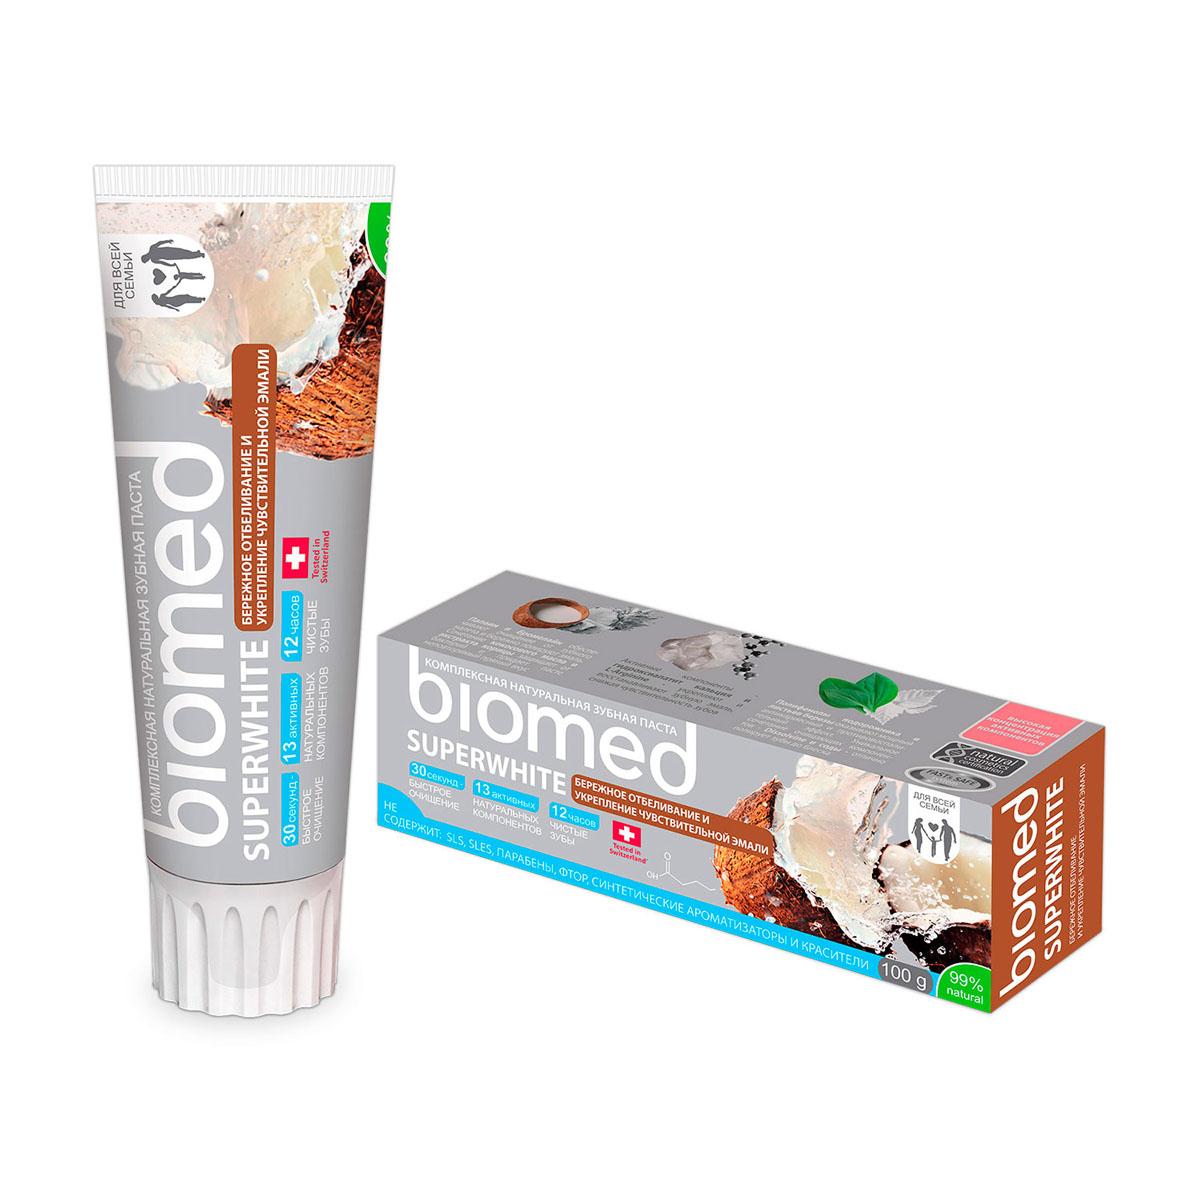 Biomed Зубная паста Superwhite / Супервайт, 100 гДК-177Бережное отбеливание и укрепление чувствительной эмали с маслом кокоса. Особенности состава: Не содержит: SLS, фтор, хим. отбеливающие компоненты, синтетические ароматизаторы, красители и продукты животного происхождения..